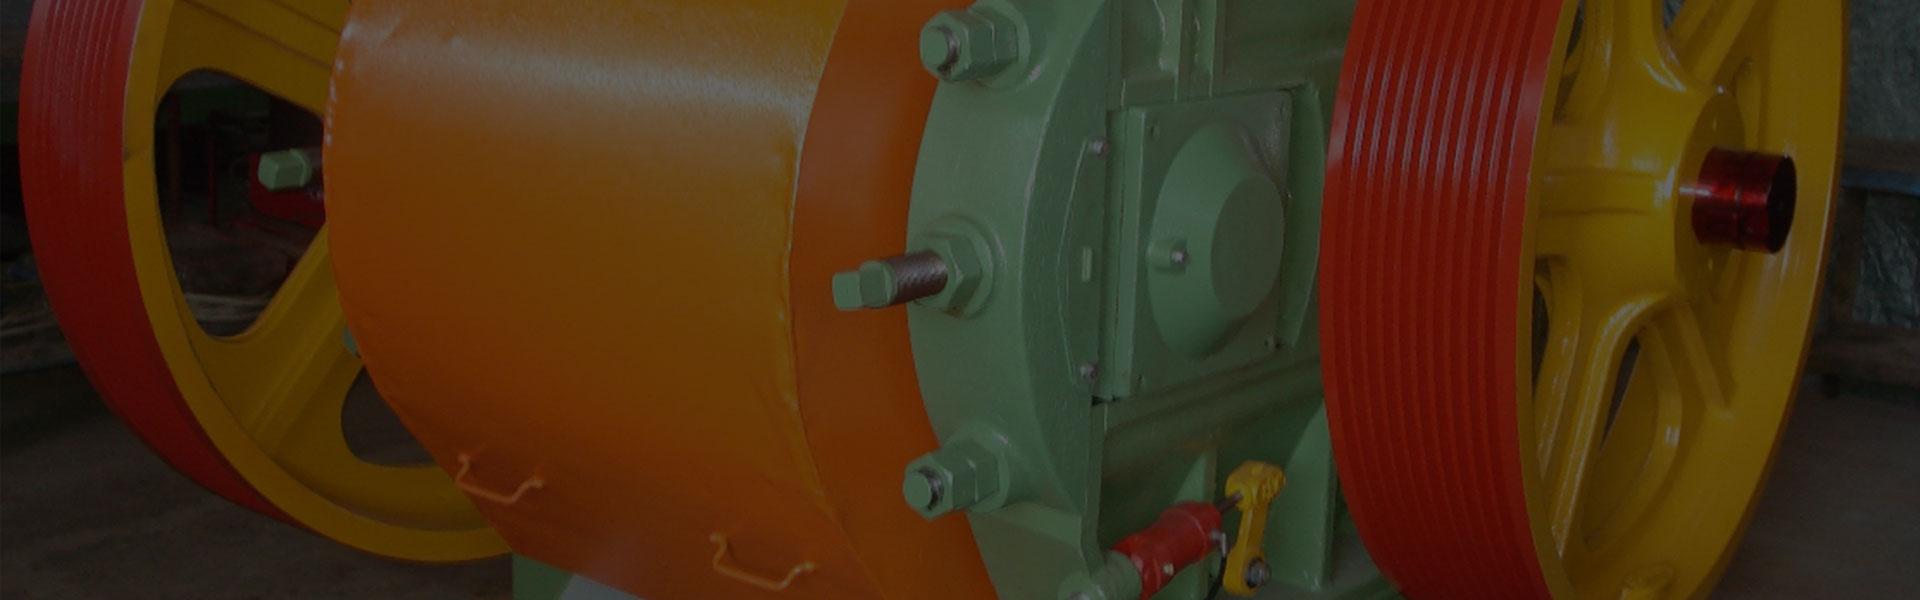 Slide image 5